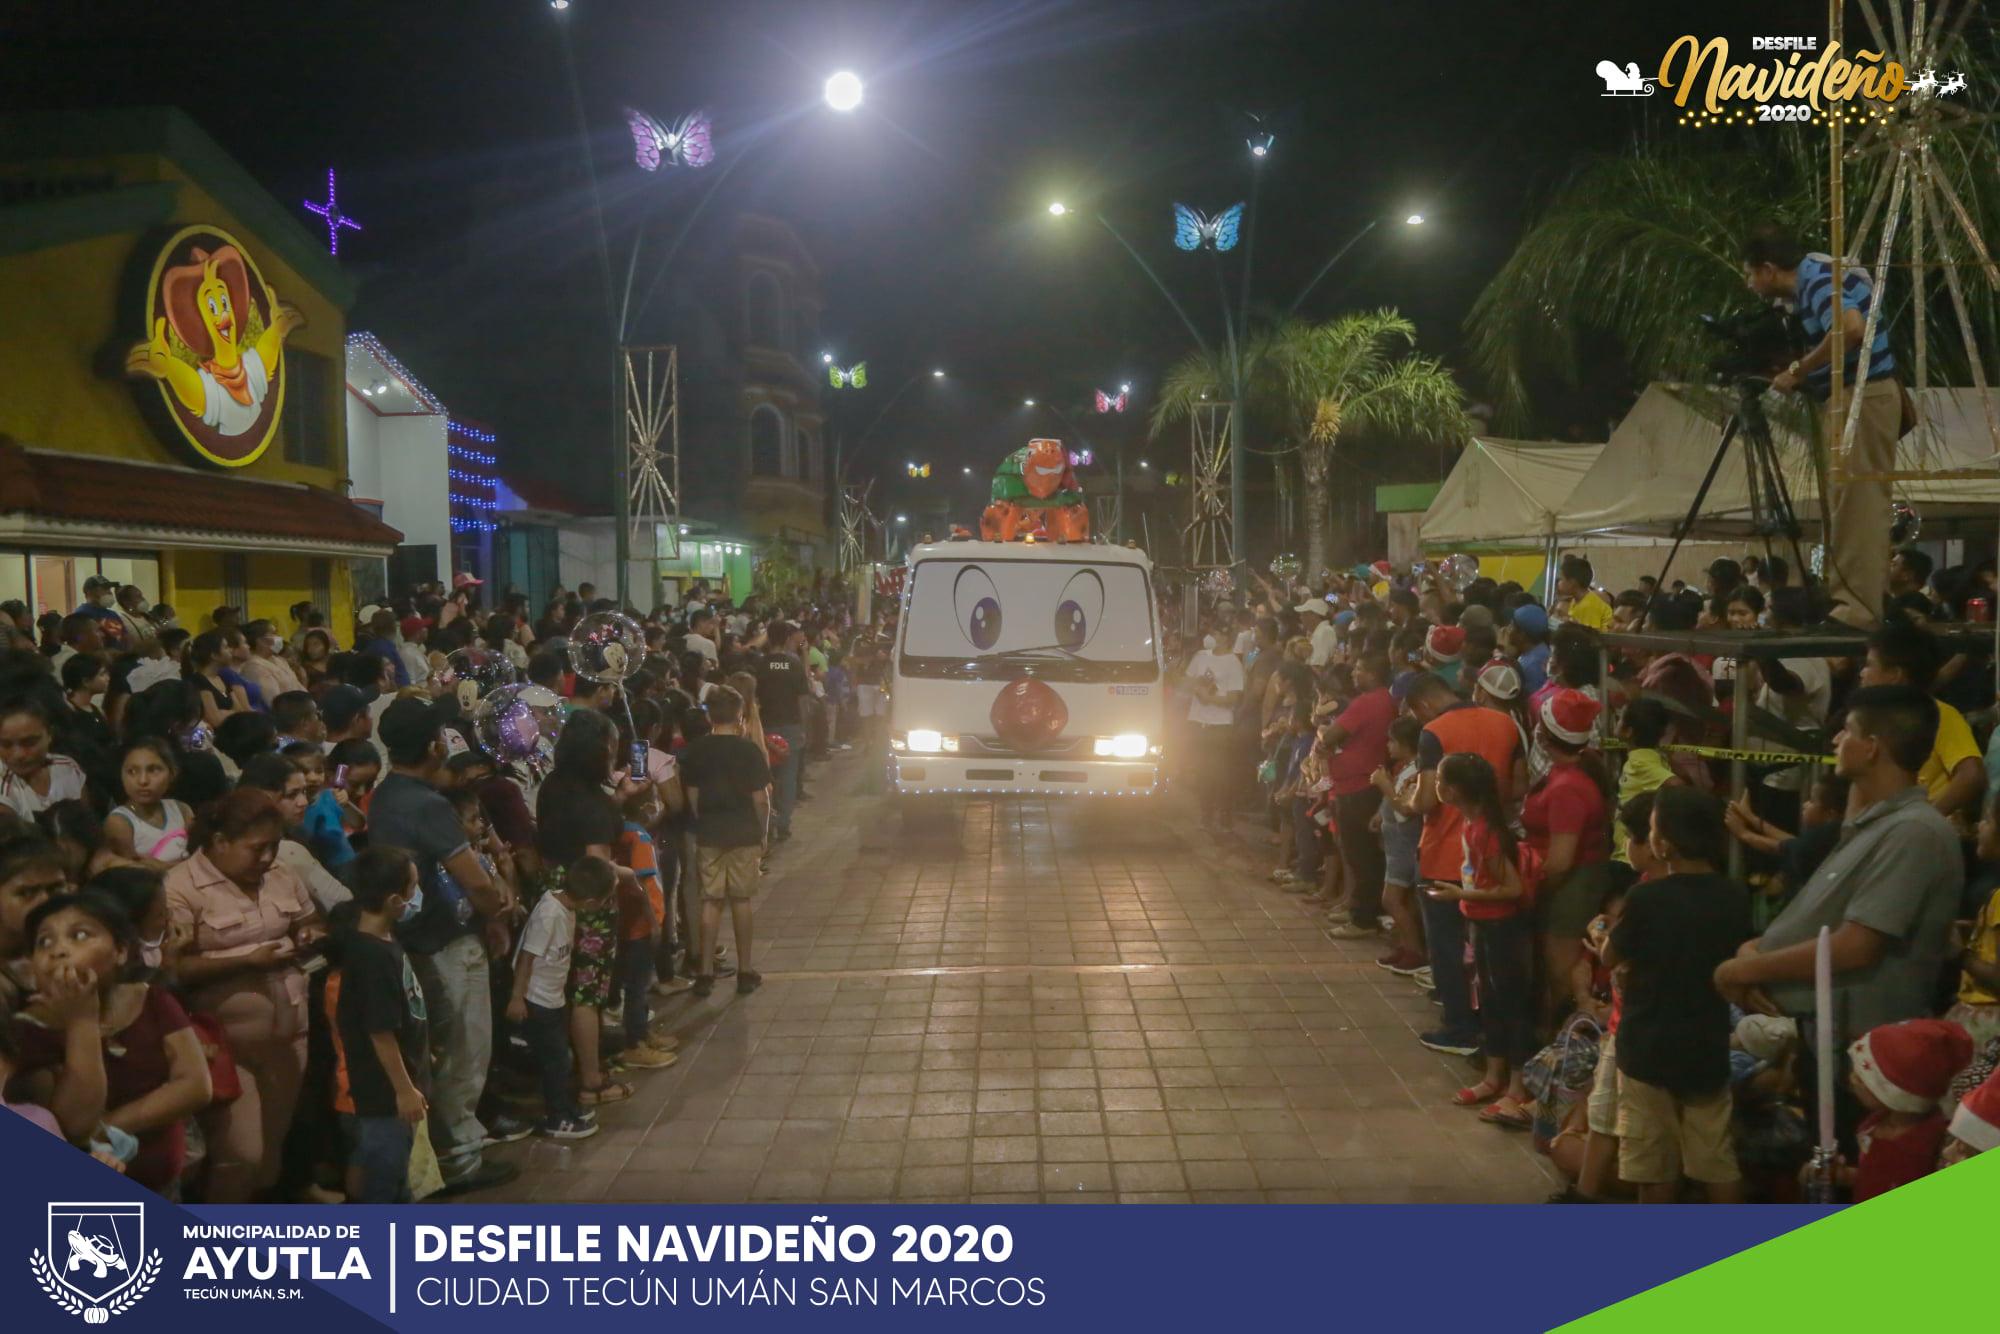 desfile navideño en Ayutla, San Marcos